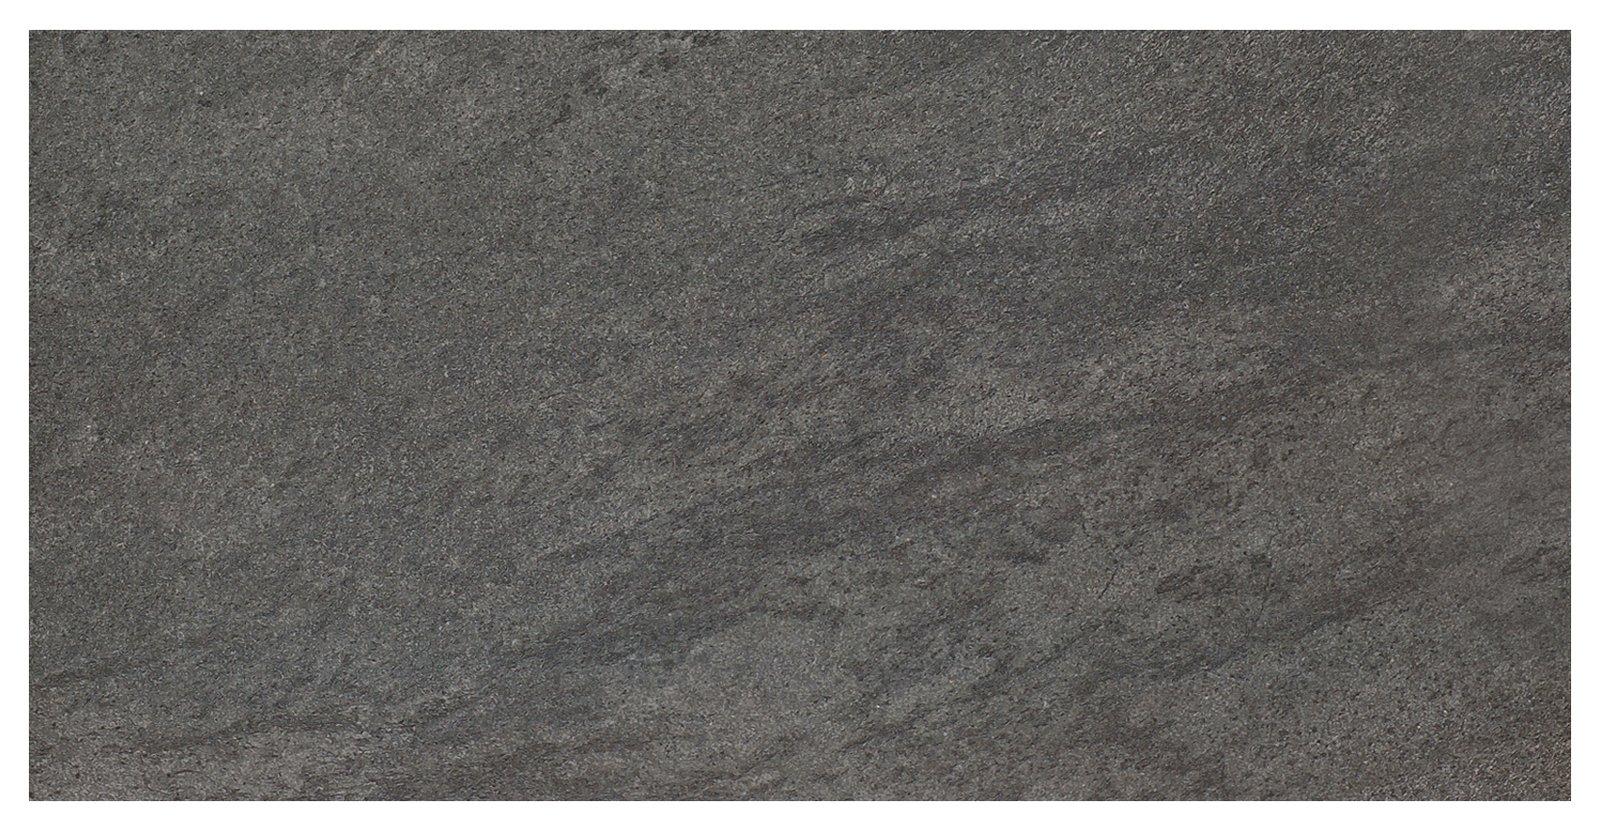 Mobili e arredamento: Rivestimento parete effetto pietra